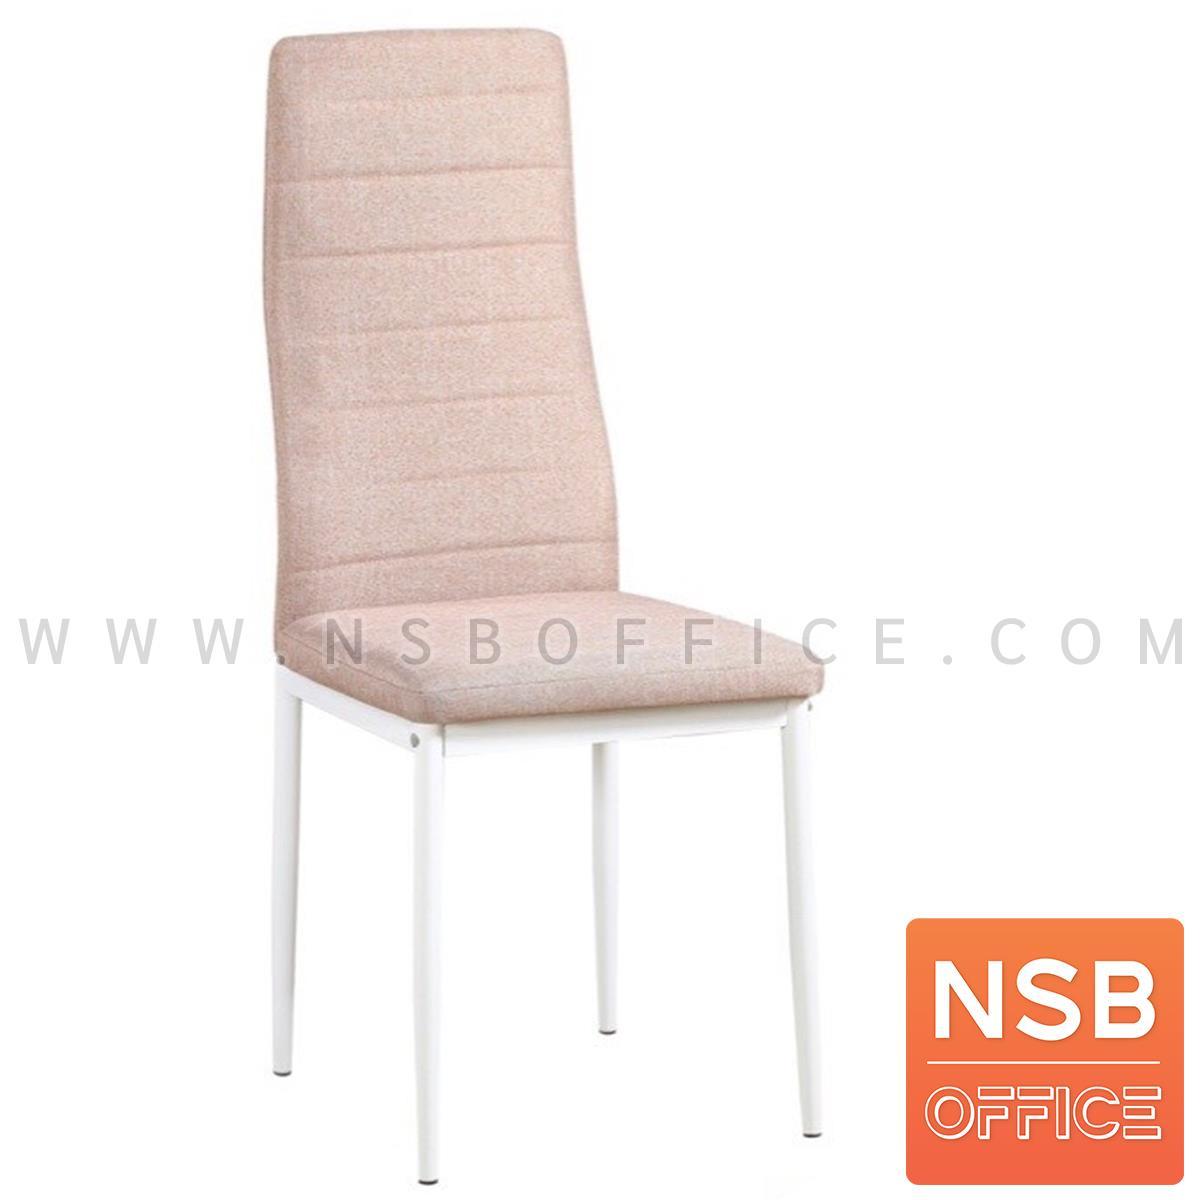 B22A200:เก้าอี้รับประทานอาหาร รุ่น Raindeer (เรนเดียร์)  หุ้มผ้า ขาเหล็ก